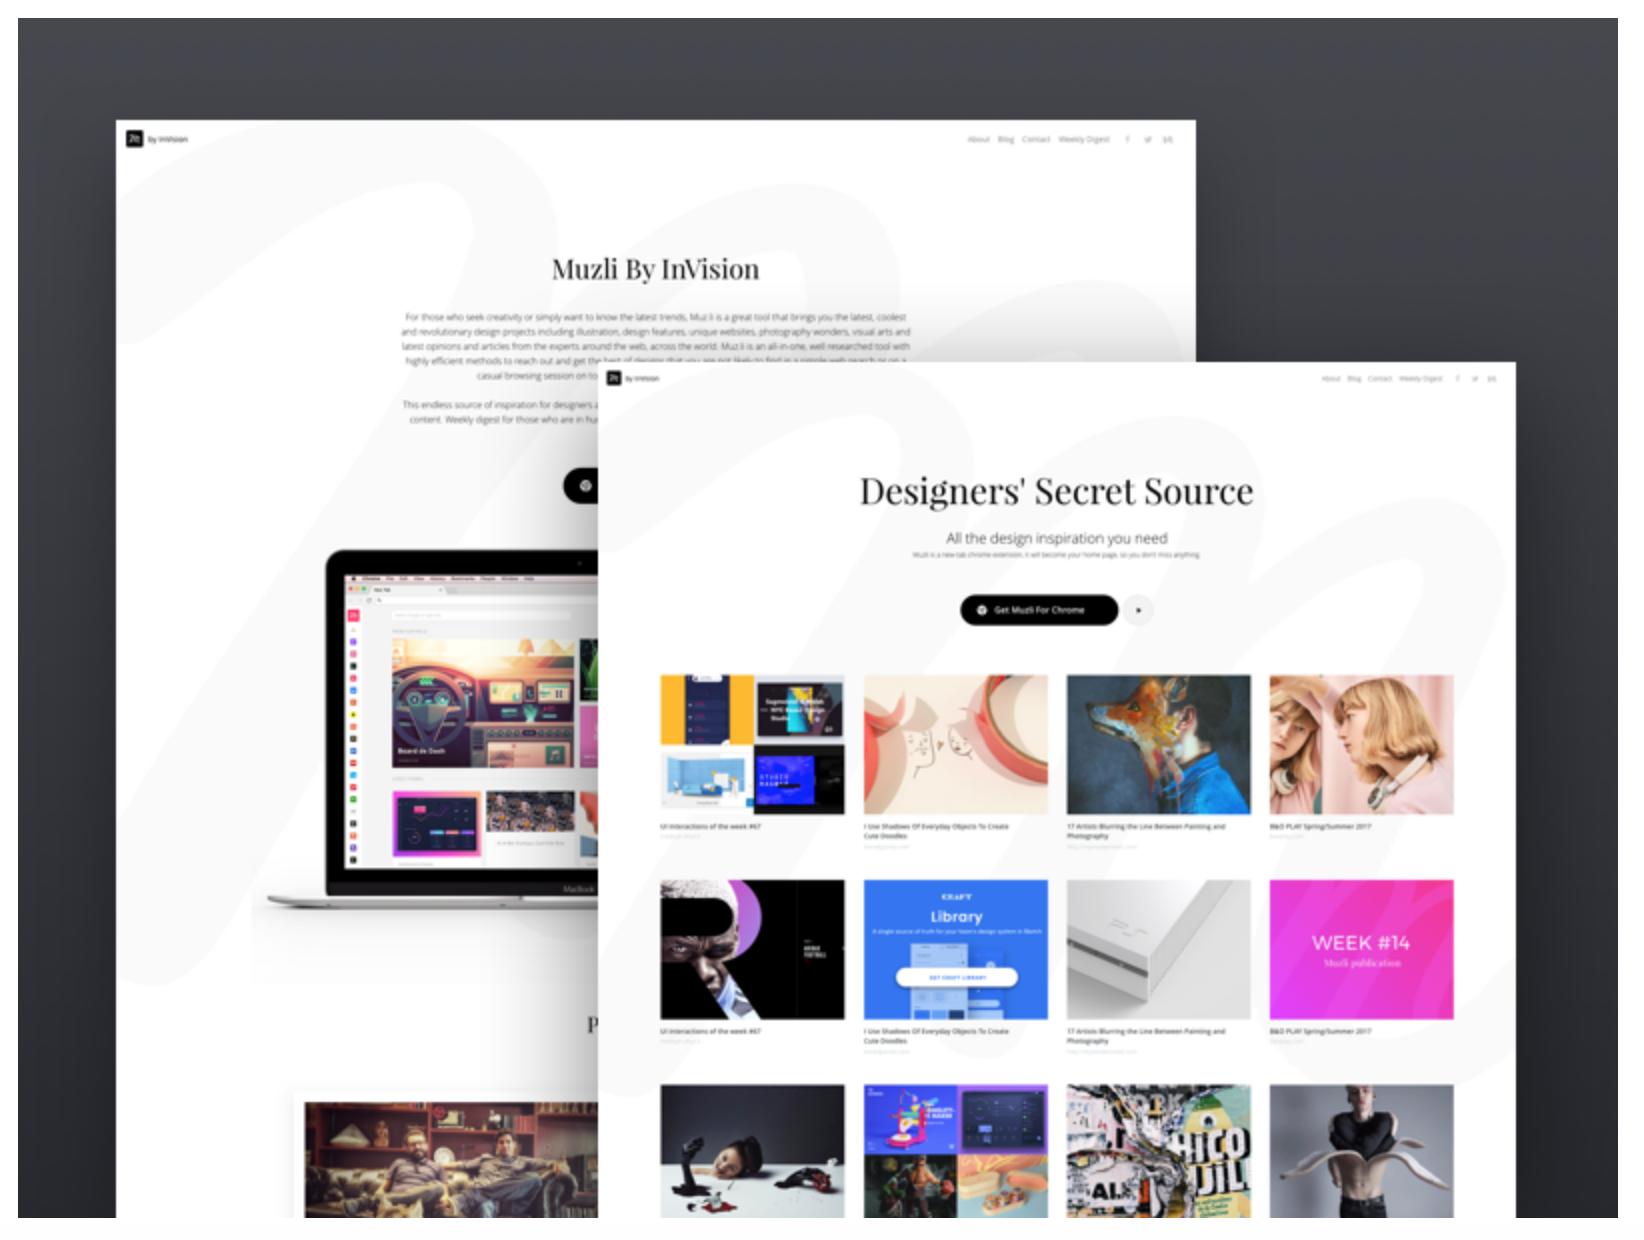 Pin By Allison Leeds On Lft Presentation Email Mockups Website Redesign Web Design Blog Design